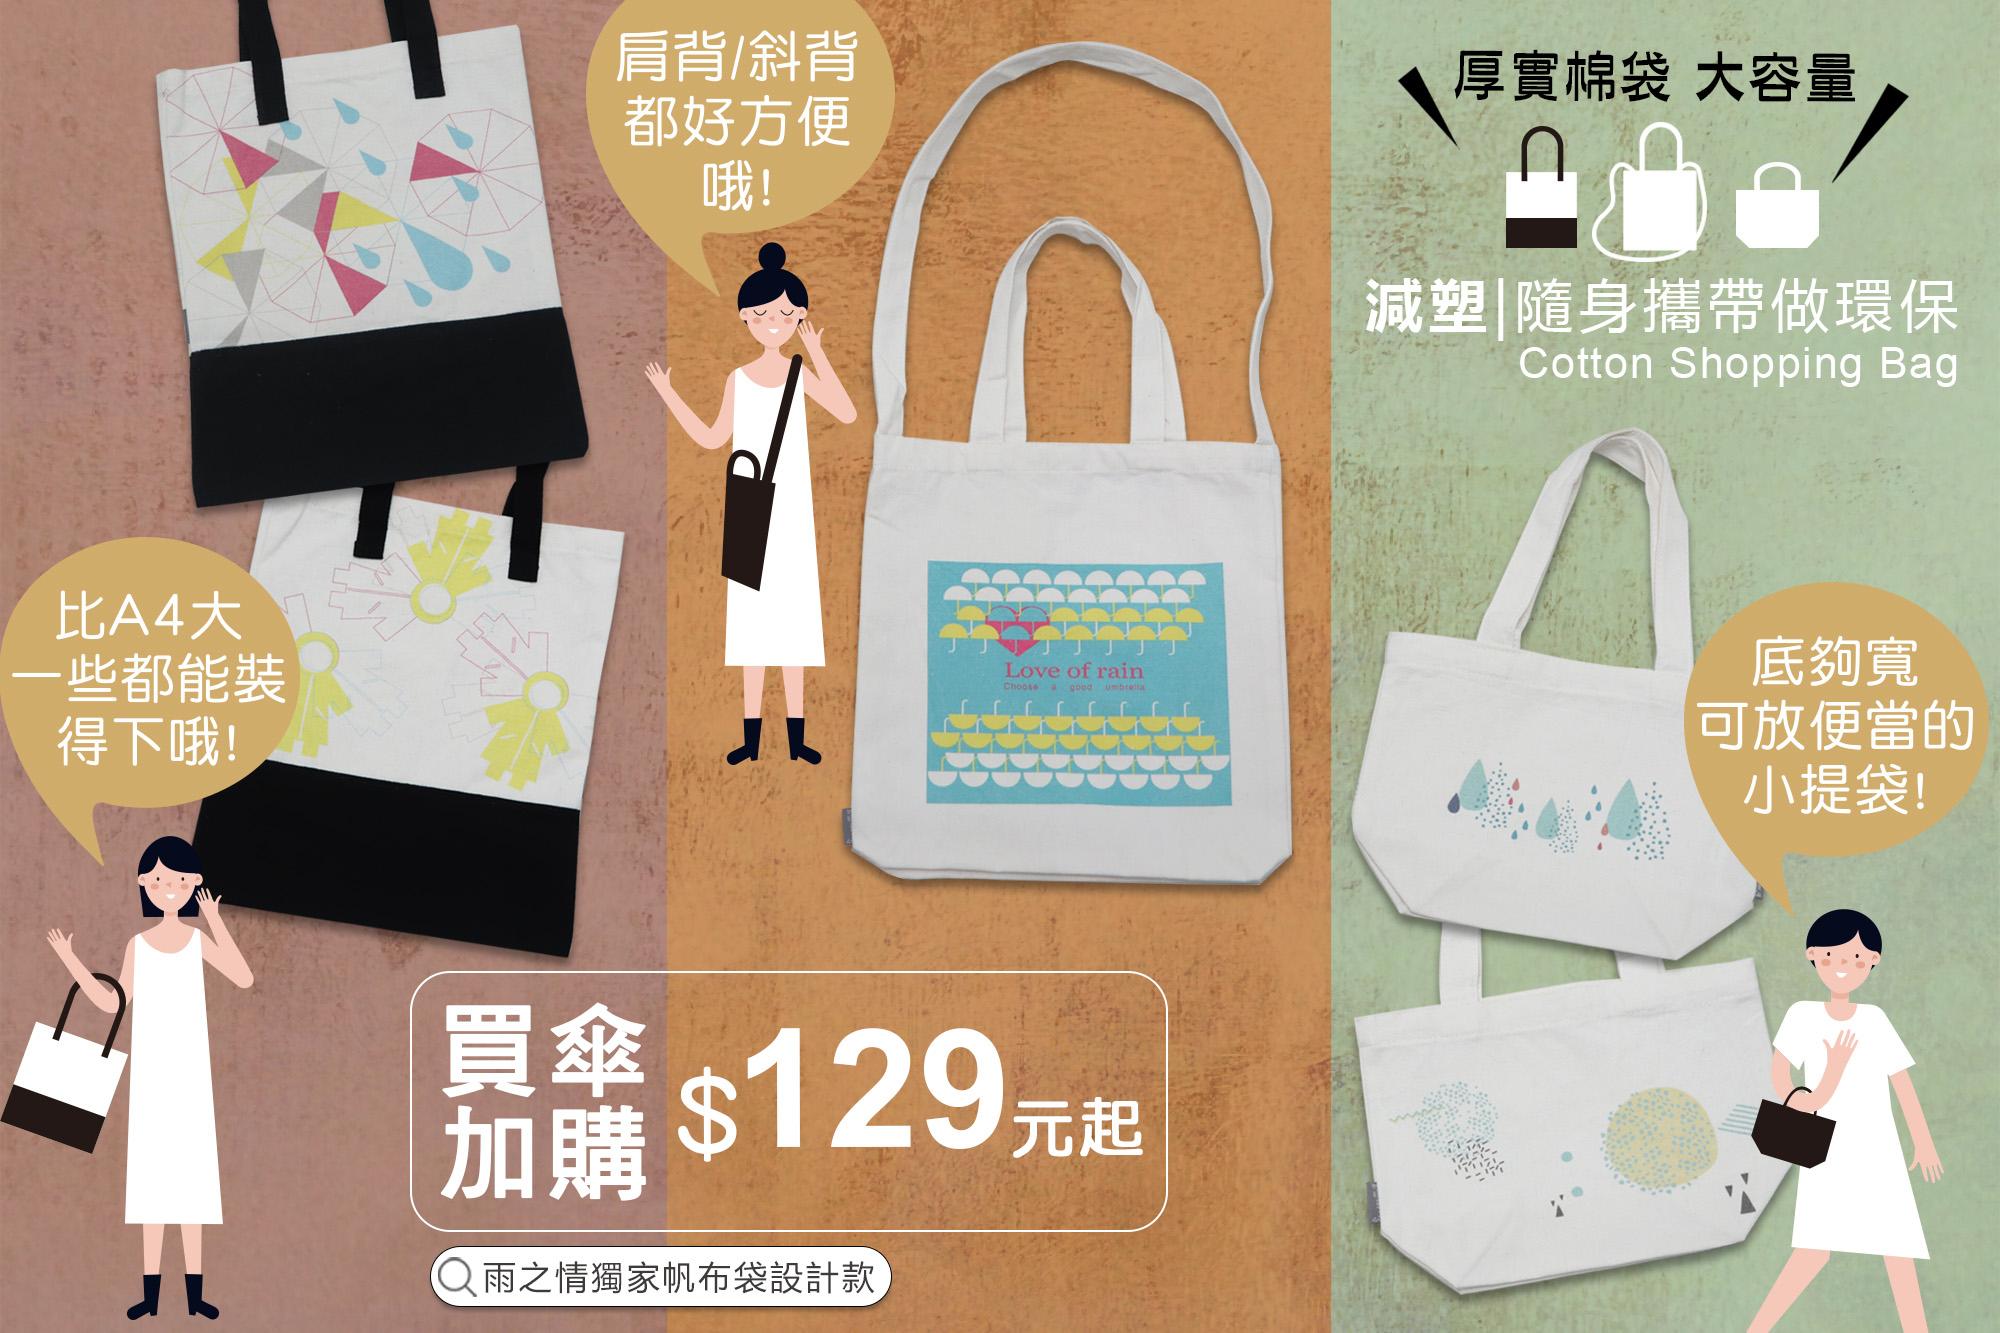 環保,購物袋,節能,減碳,大容量,帆布袋,設計,便當袋,側背袋,斜背袋,減塑,雨之情